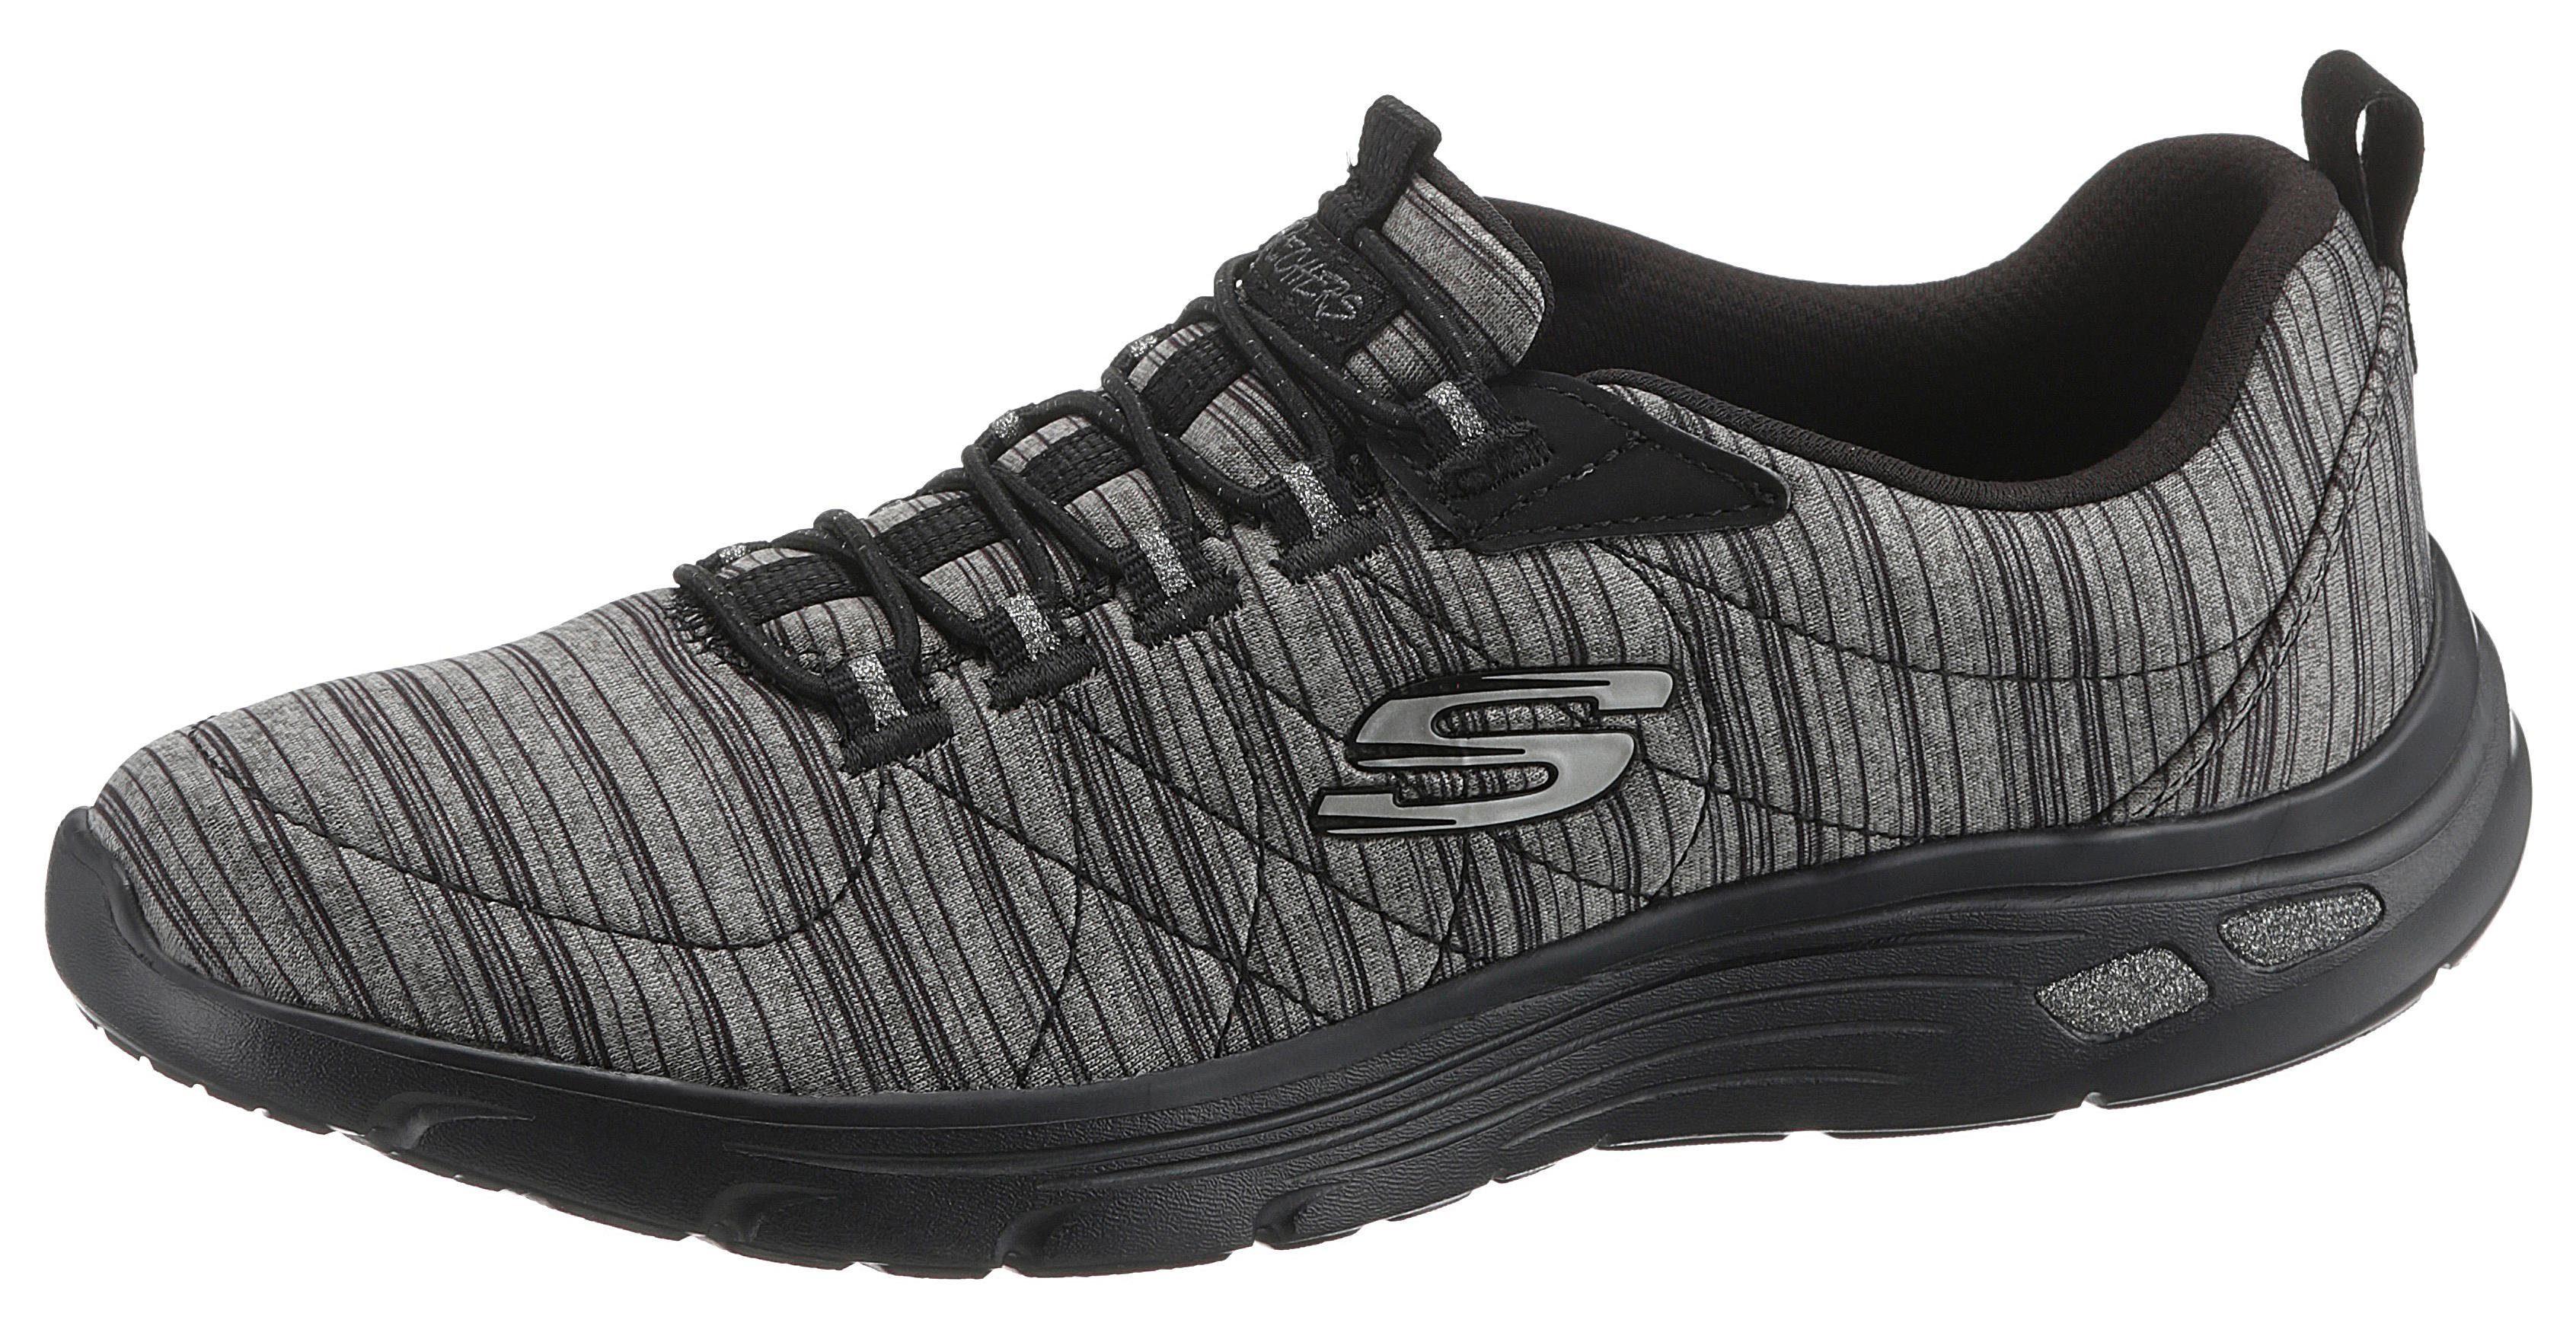 Kleidung & Accessoires Damenschuhe Farbe Schwarz Attraktive Designs; Damen Laufschuhe Skechers Skech Air Infinity All Aglow